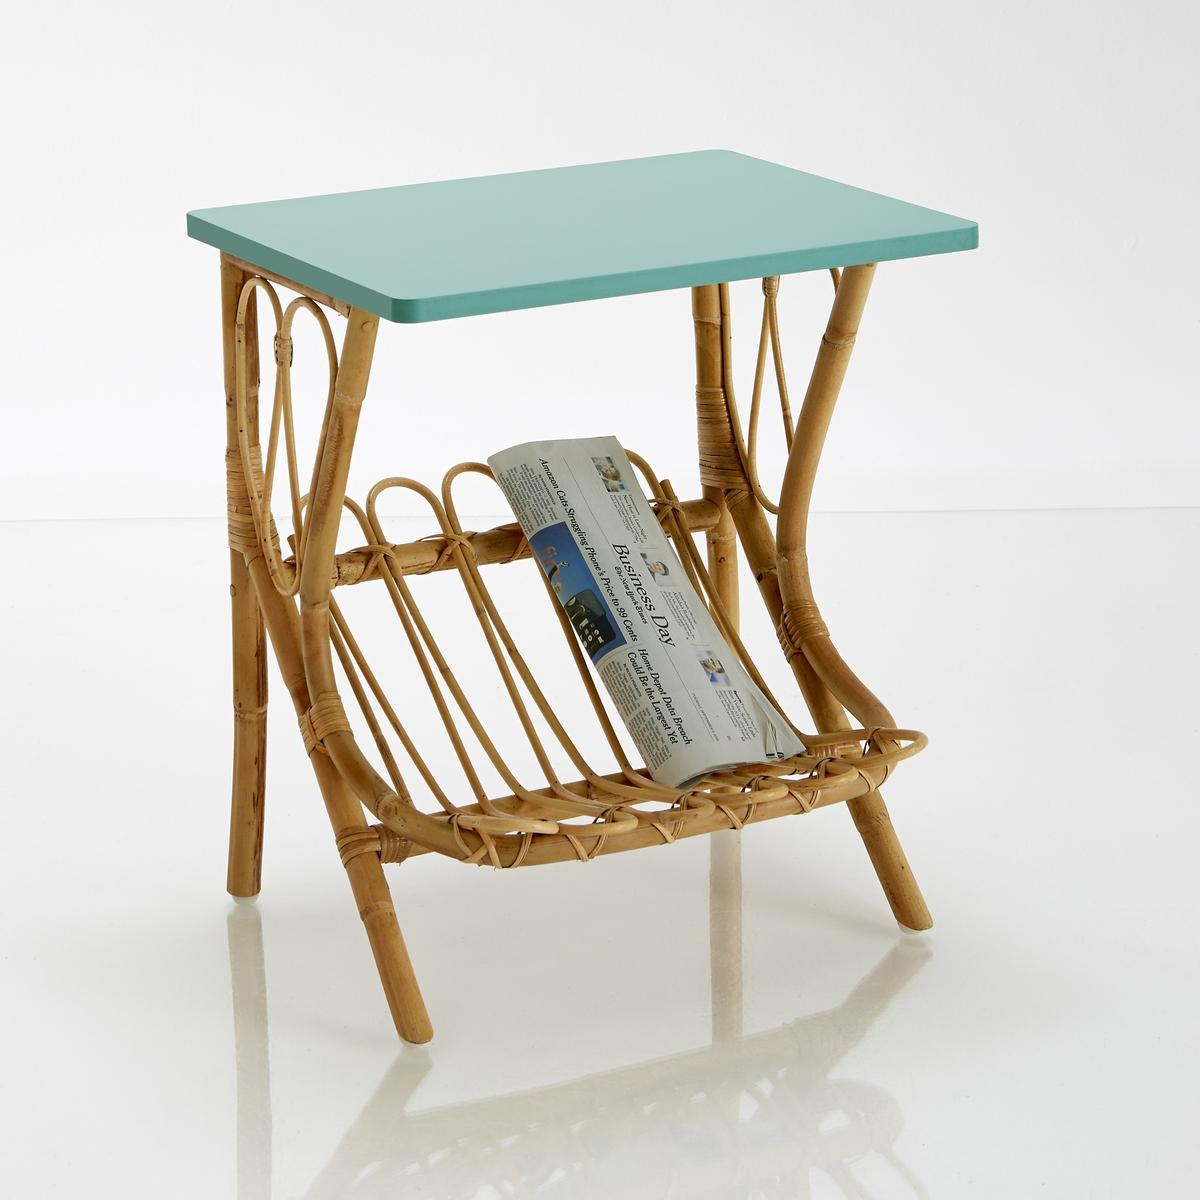 Ночной столик из ротанга, KokНочной столик из ротанга, Kok : качество, прочность и долговечность - вот преимущества этого ночного столика из натурального ротанга с лакированной столешницей : этот ночной столик может также использоваться с диваном благодаря отделению для журналов и декоративному дизайну в стиле ретро !Характеристики ночного столика Kok :Каркас из натурального ротангаСтолешница из МДФ, покрытого акриловым лаком.Пластиковые вставки под ножкамиПроизведено вручнуюОткройте для себя всю коллекцию мебели из натурального ротанга на сайте laredoute.ruРазмеры ночного столика Kok :Длина : 47 смВысота : 52 смГлубина : 37 смРазмеры и вес упаковки :1 упаковкаШир. 60 x Выс. 50 x Гл. 45 см4,5 кгДоставка :Ночной столик Kok продается в разобранном виде. Он доставляется на дом по предварительной заявке, даже до квартиры !Внимание ! Убедитесь, что посылку возможно доставить на дом, учитывая ее габариты.<br><br>Цвет: зеленый сине-зеленый